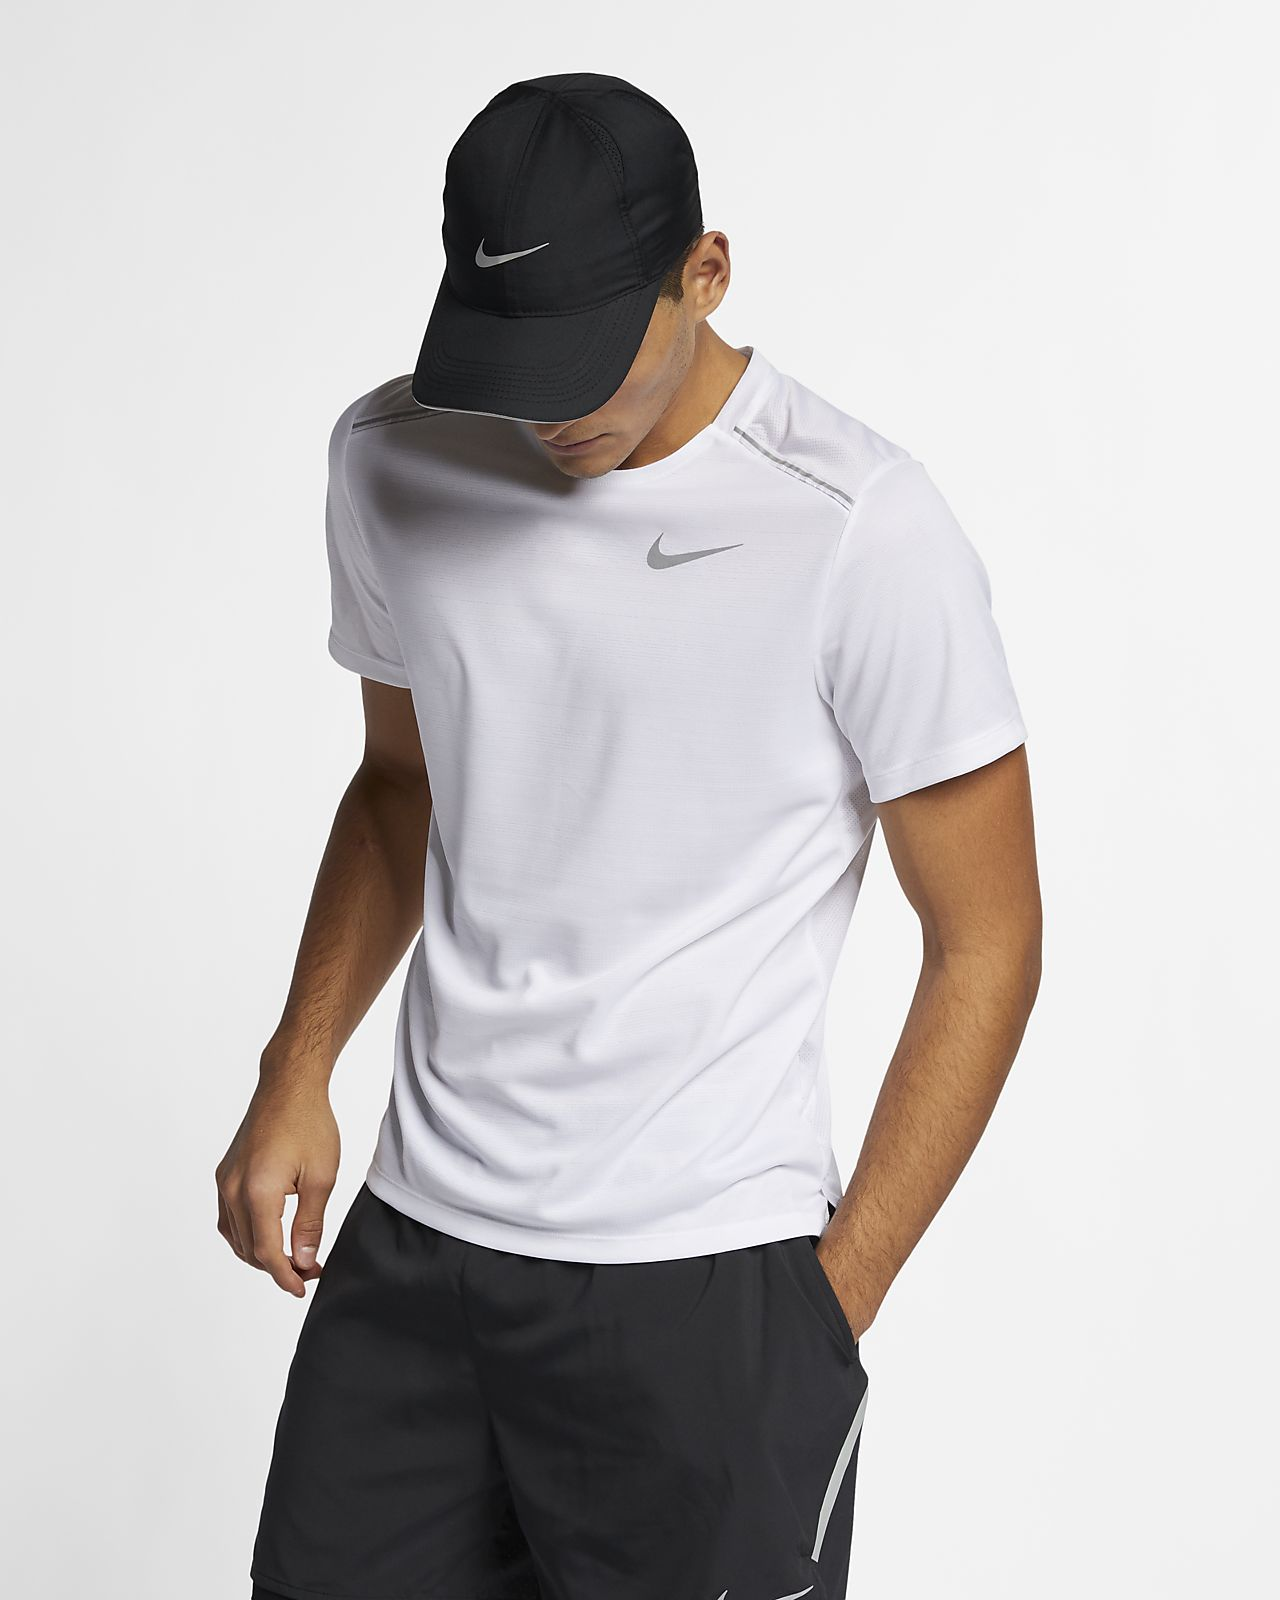 เสื้อวิ่งแขนสั้นผู้ชาย Nike Dri-FIT Miler